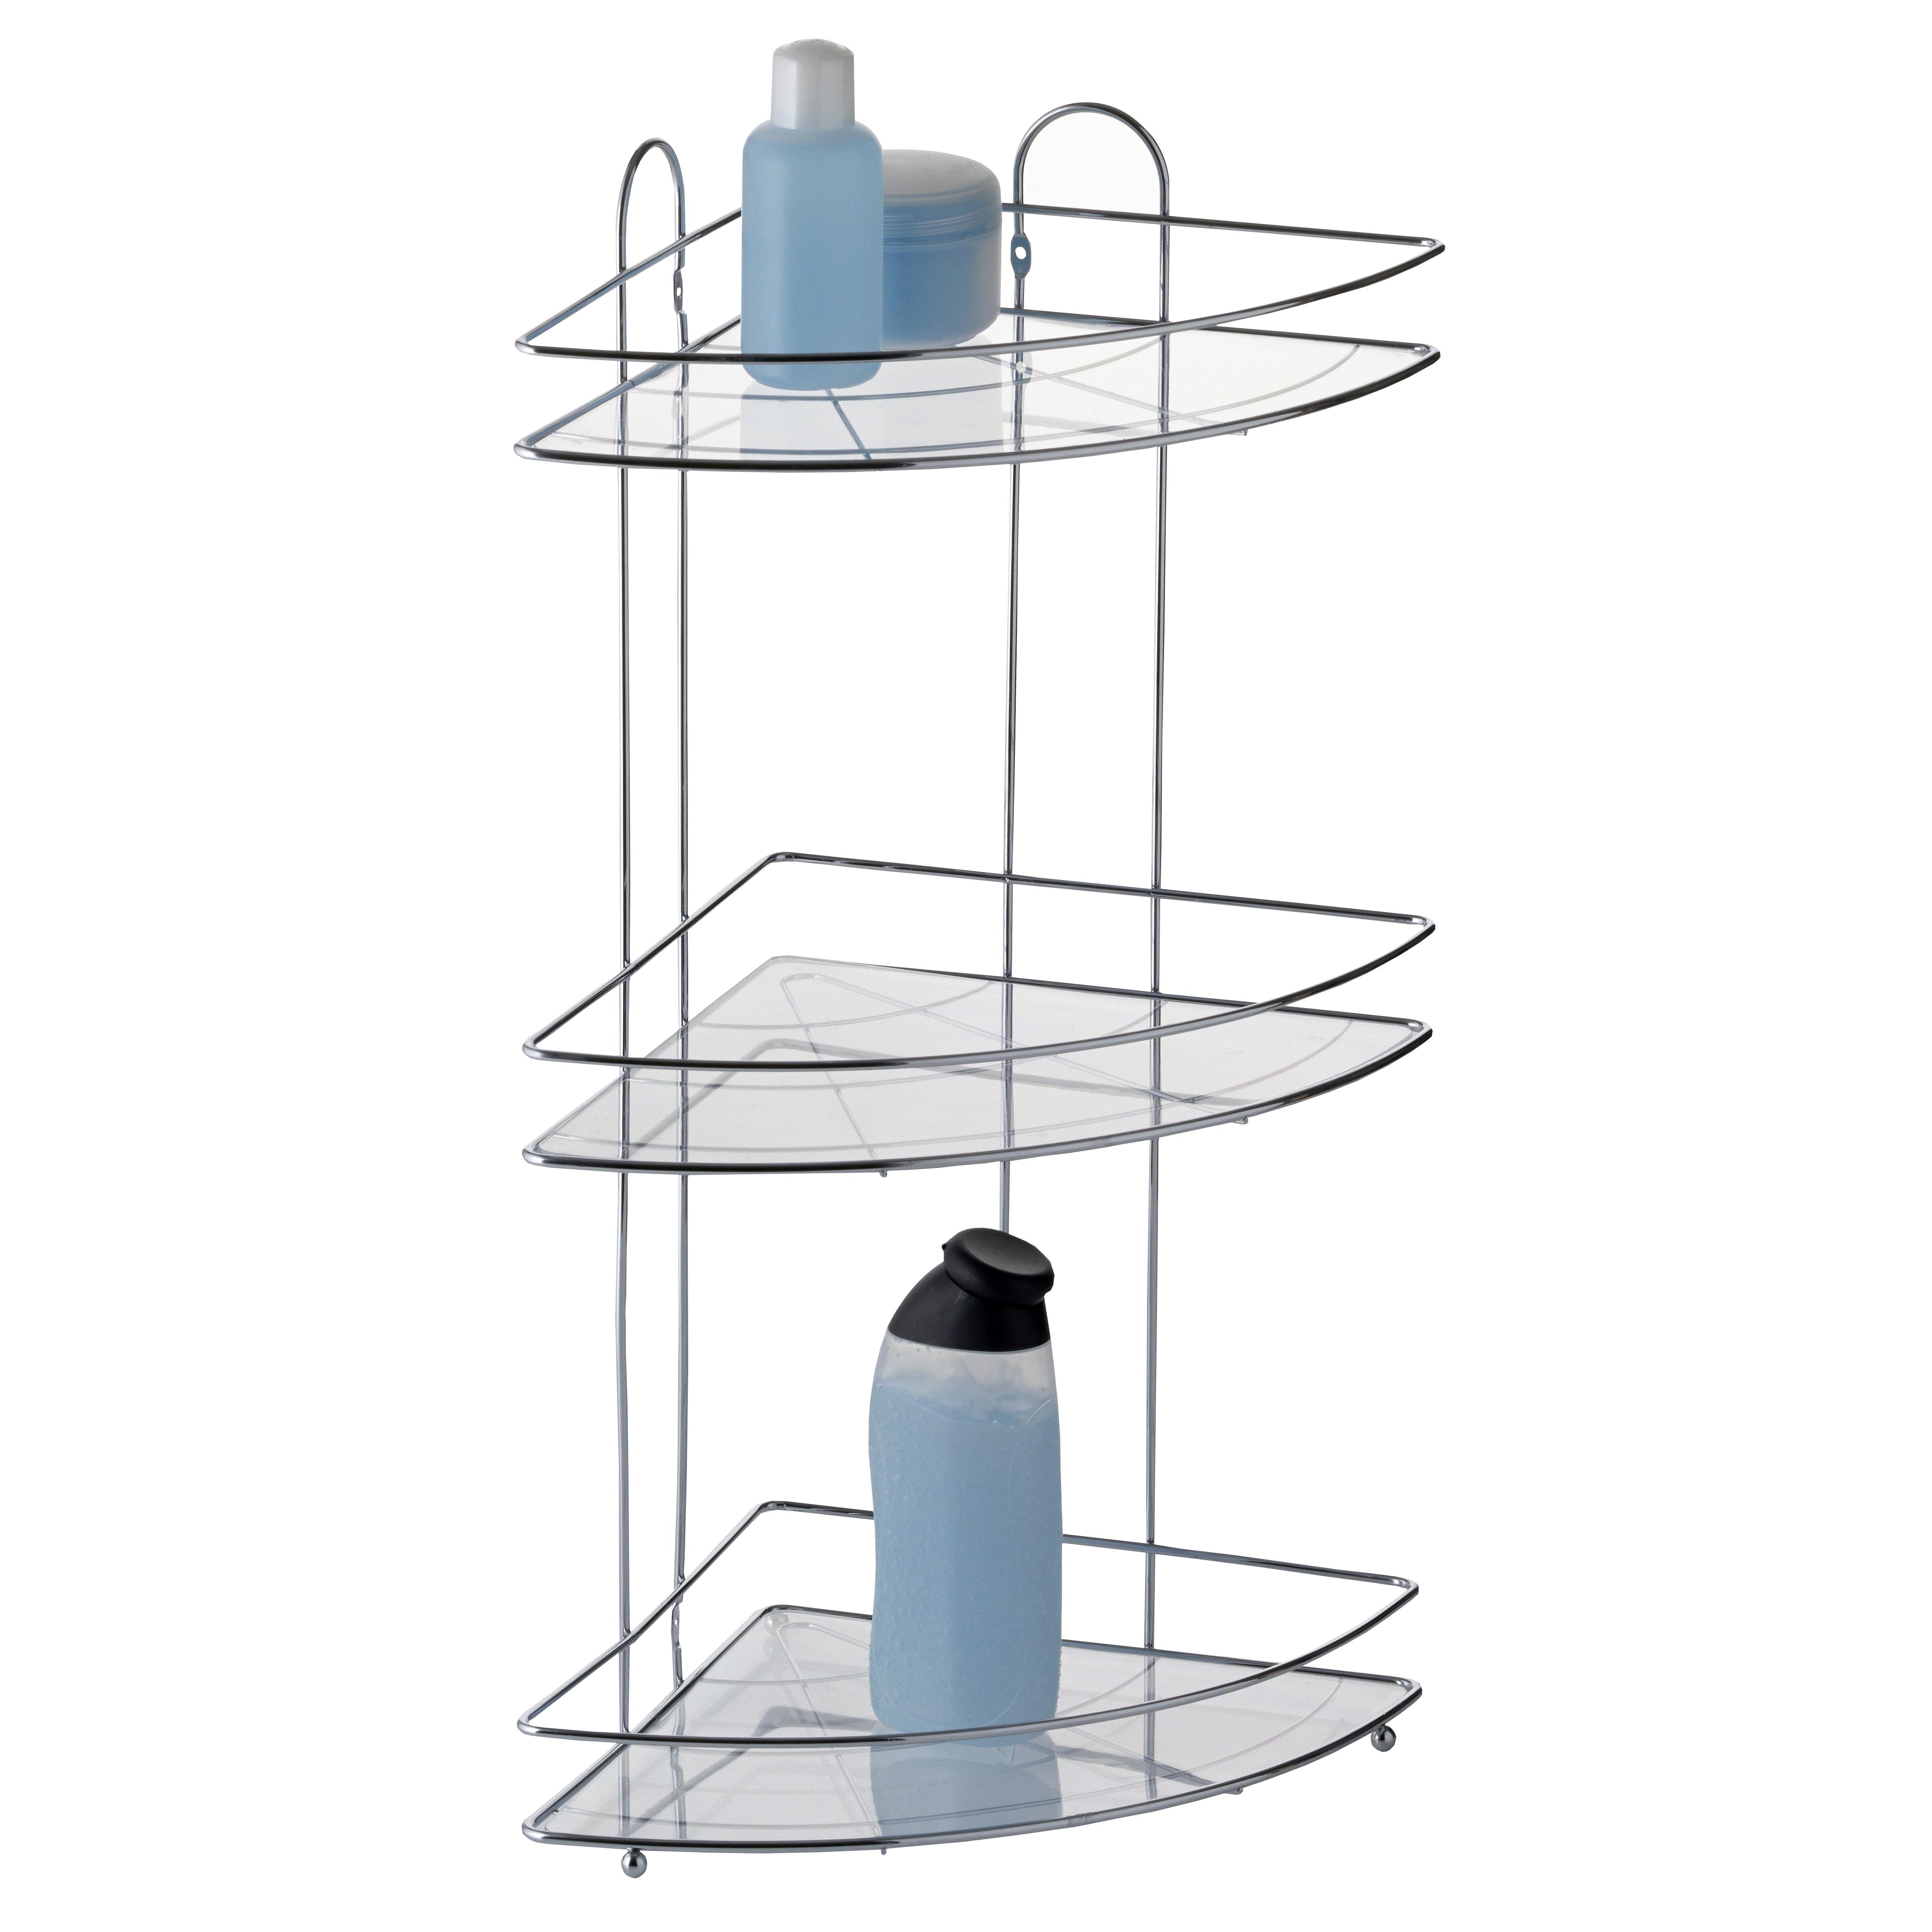 Полка для ванной Axentia, угловая, трехъярусная, 22,5 х 22,5 х 58,5 смNLED-441-7W-SТрехъярусная полка для ванной Axentia изготовлена из стали с качественным хромированным покрытием, которое на долго защитит изделие от ржавчины в условиях высокой влажности в ванной комнате. Изделие имеет угловую конструкцию и крепится на шурупах (входят в комплект). Классический дизайн и оптимальная вместимость подойдет для любого интерьера ванной комнаты или кухни.